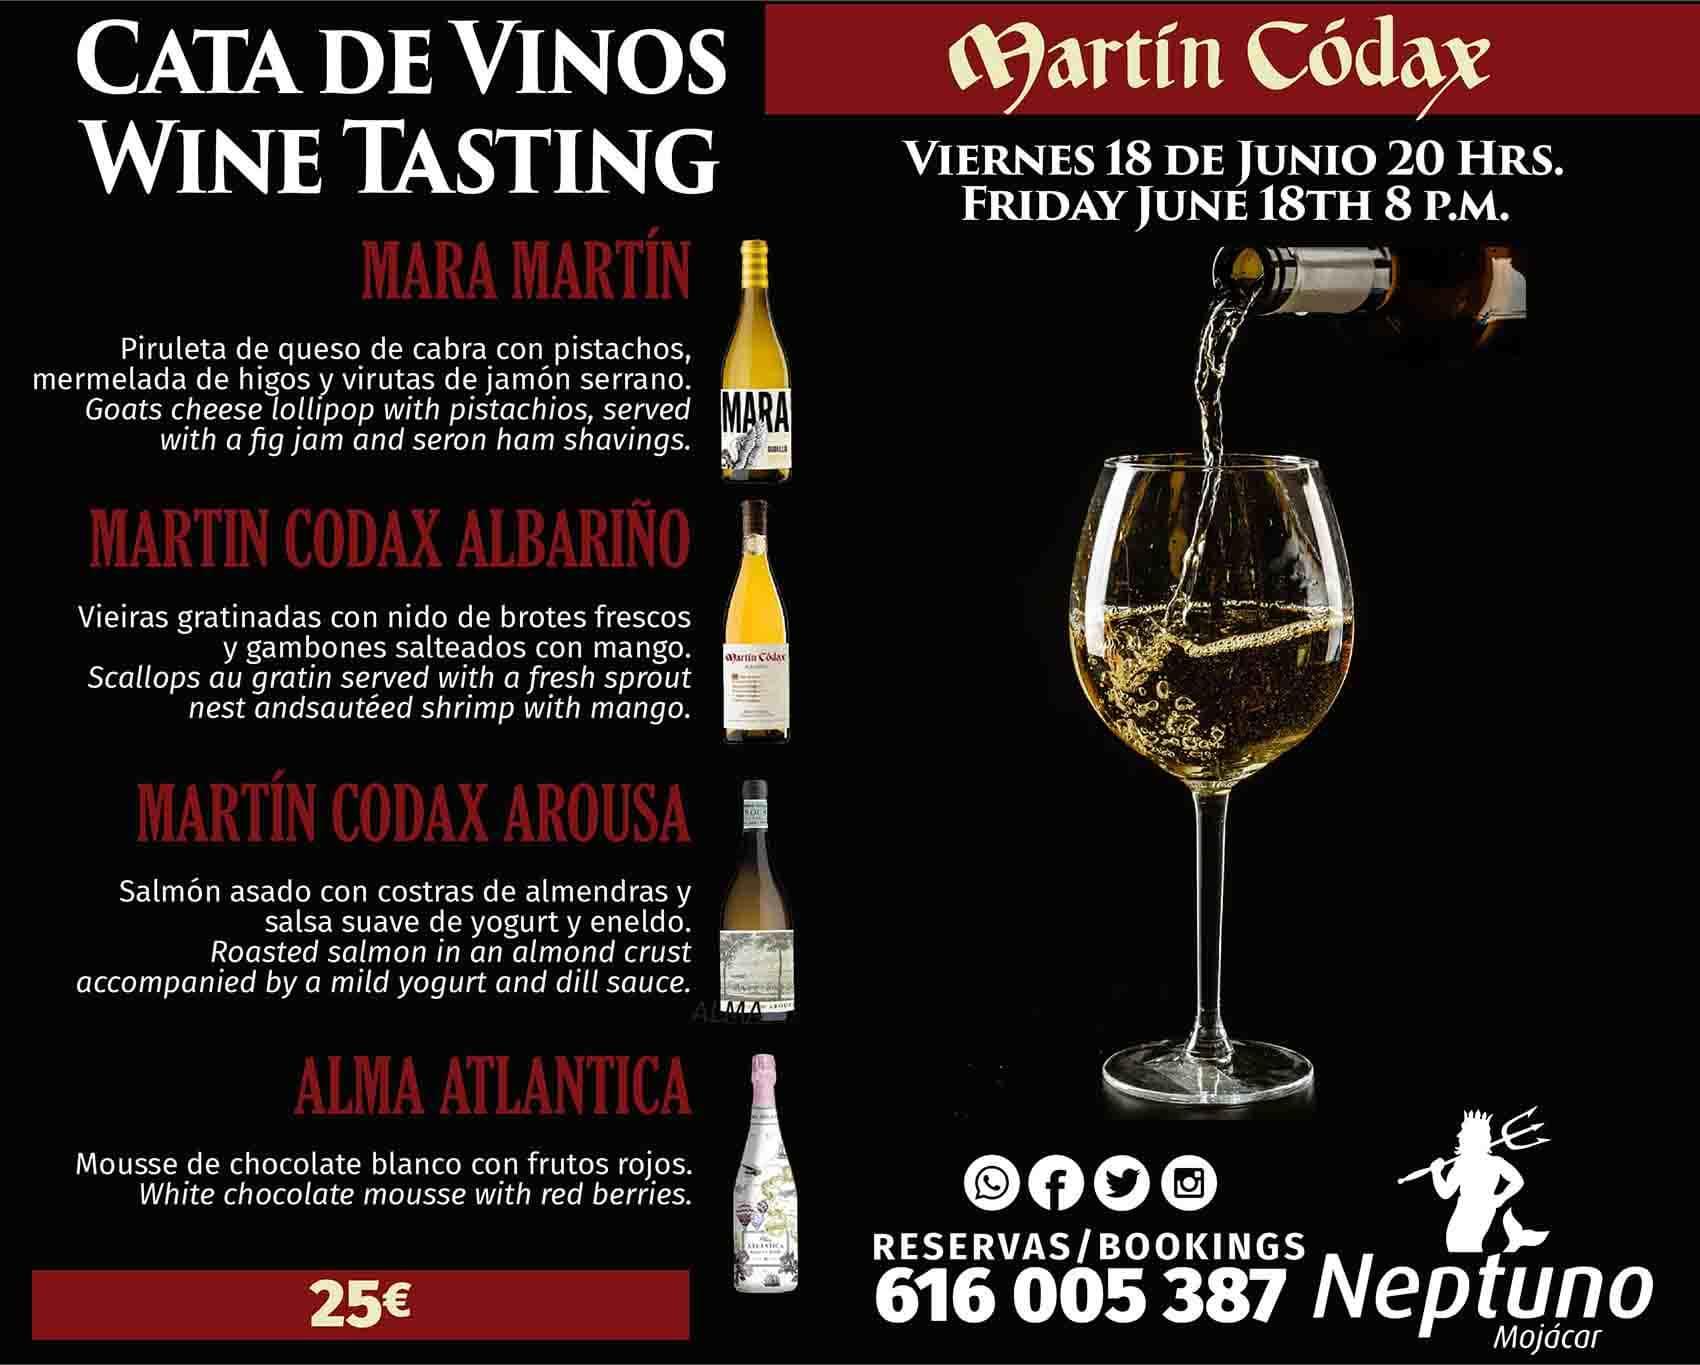 Cata de vinos resturante en Mojácar Neptuno